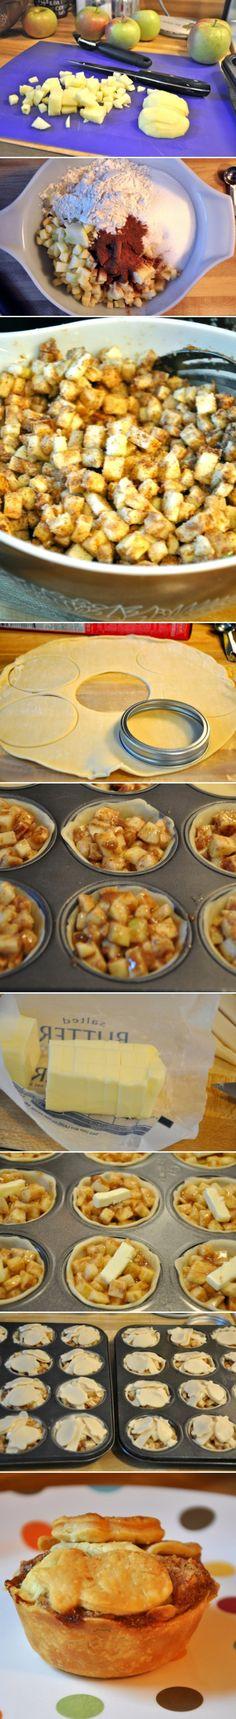 Mini Apple Pies Door murat.hemels